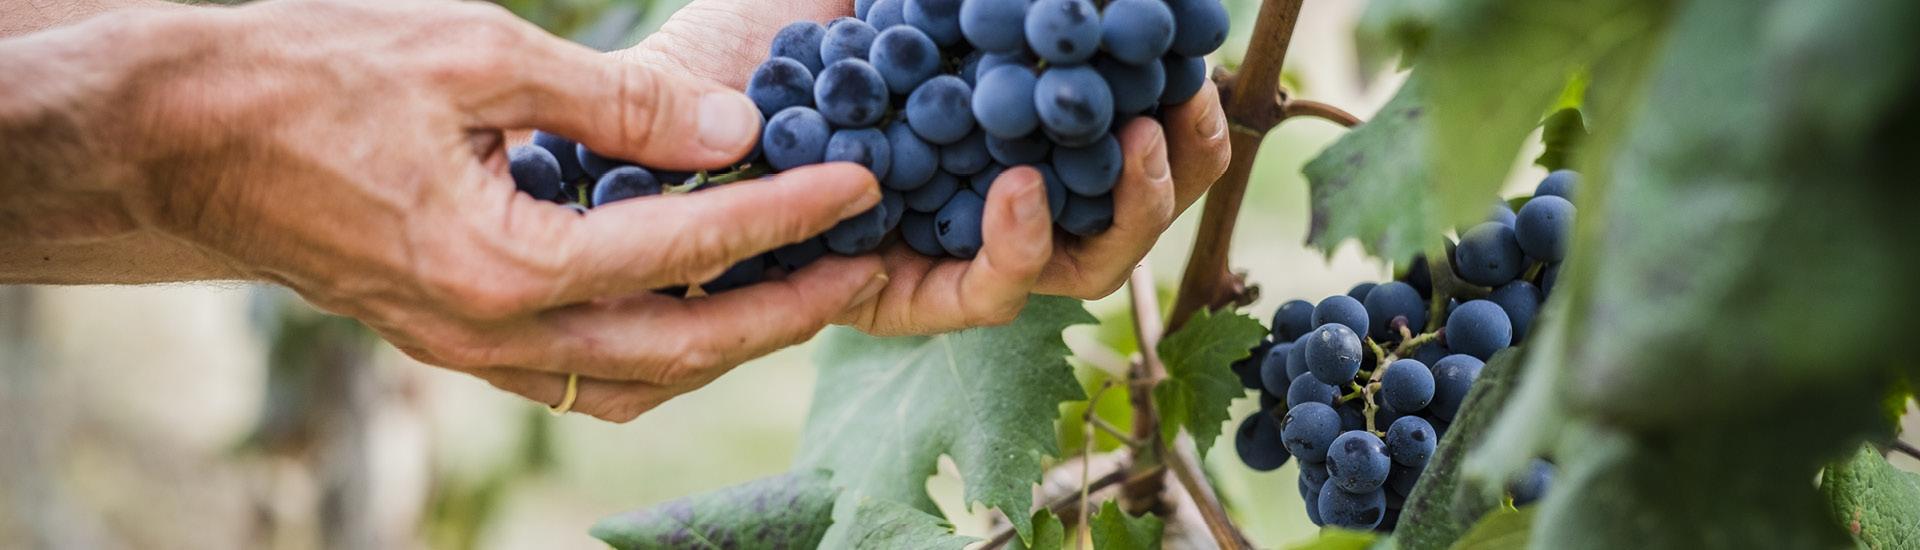 Weine - Weinjahr 2018 - ein Jahr schreibt Geschichte! 02/2019 - Slider